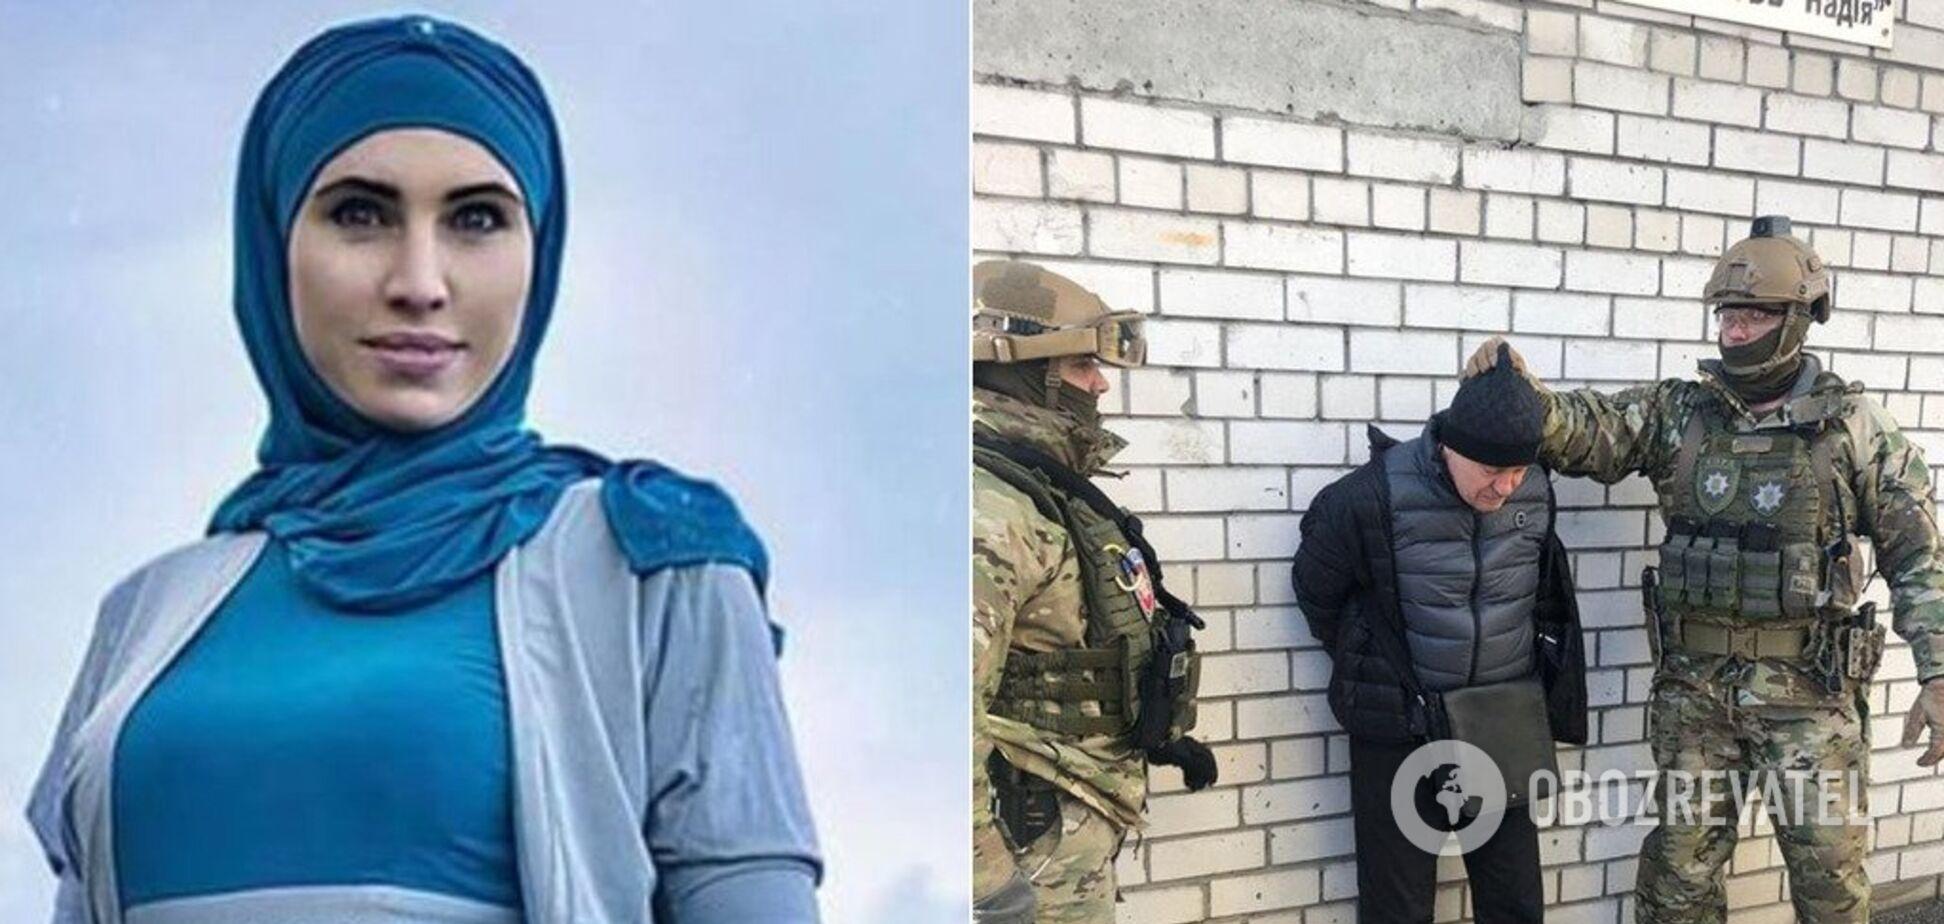 Поліція затримала підозрюваного у вбивстві Окуєвої